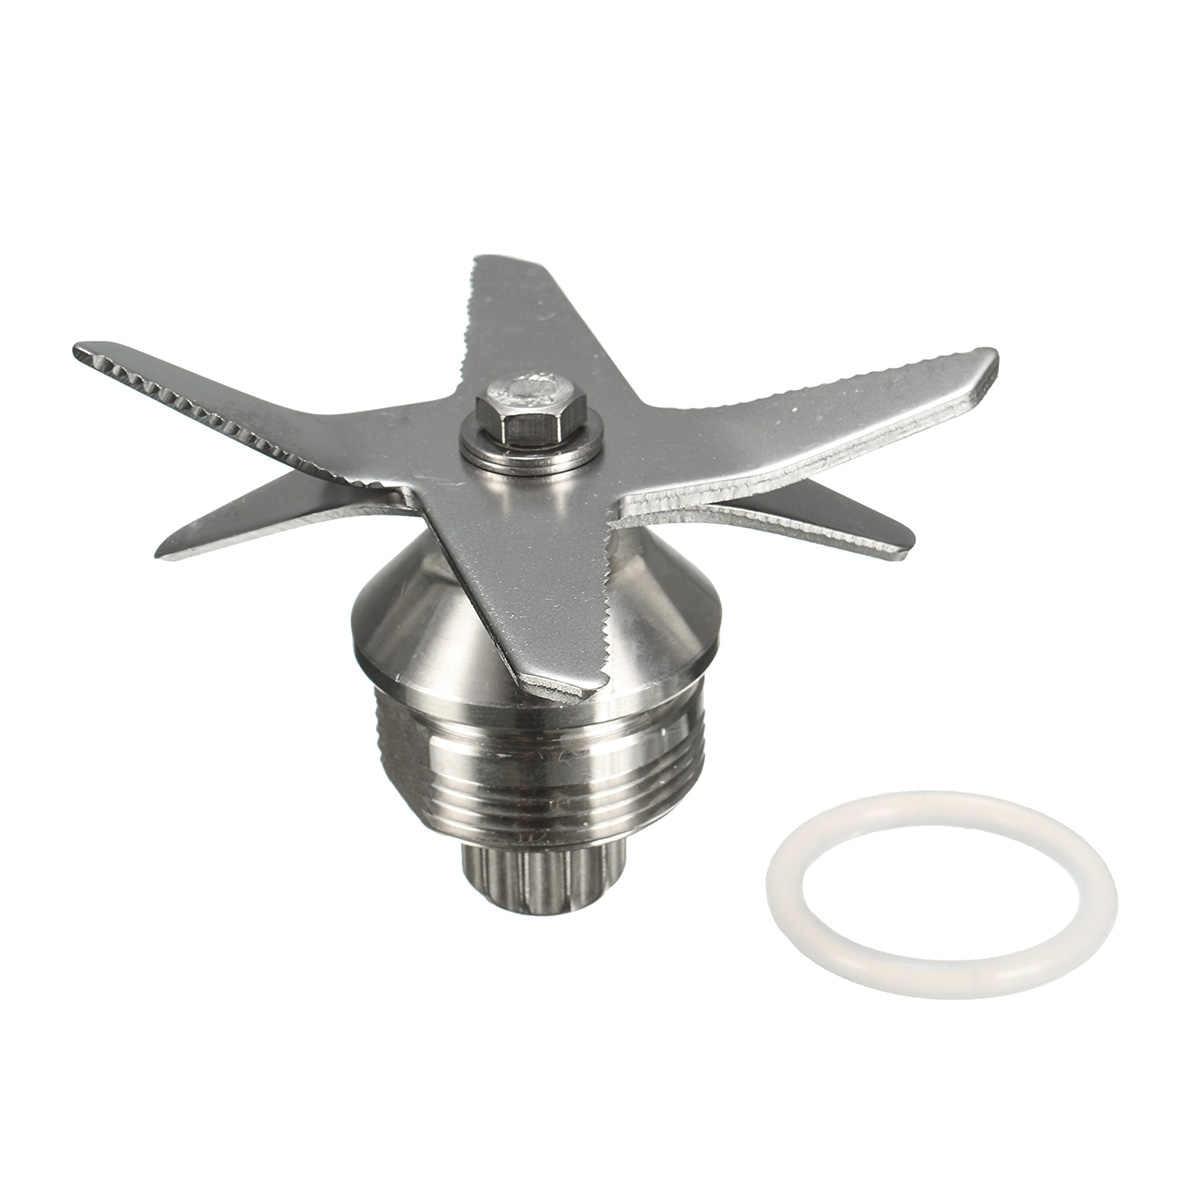 Hot Sale 1 Pedaços de Gelo-Esmagamento Liquidificador Lâmina de Peças Com Anel De Vedação Para O Vitamix 5200 Series